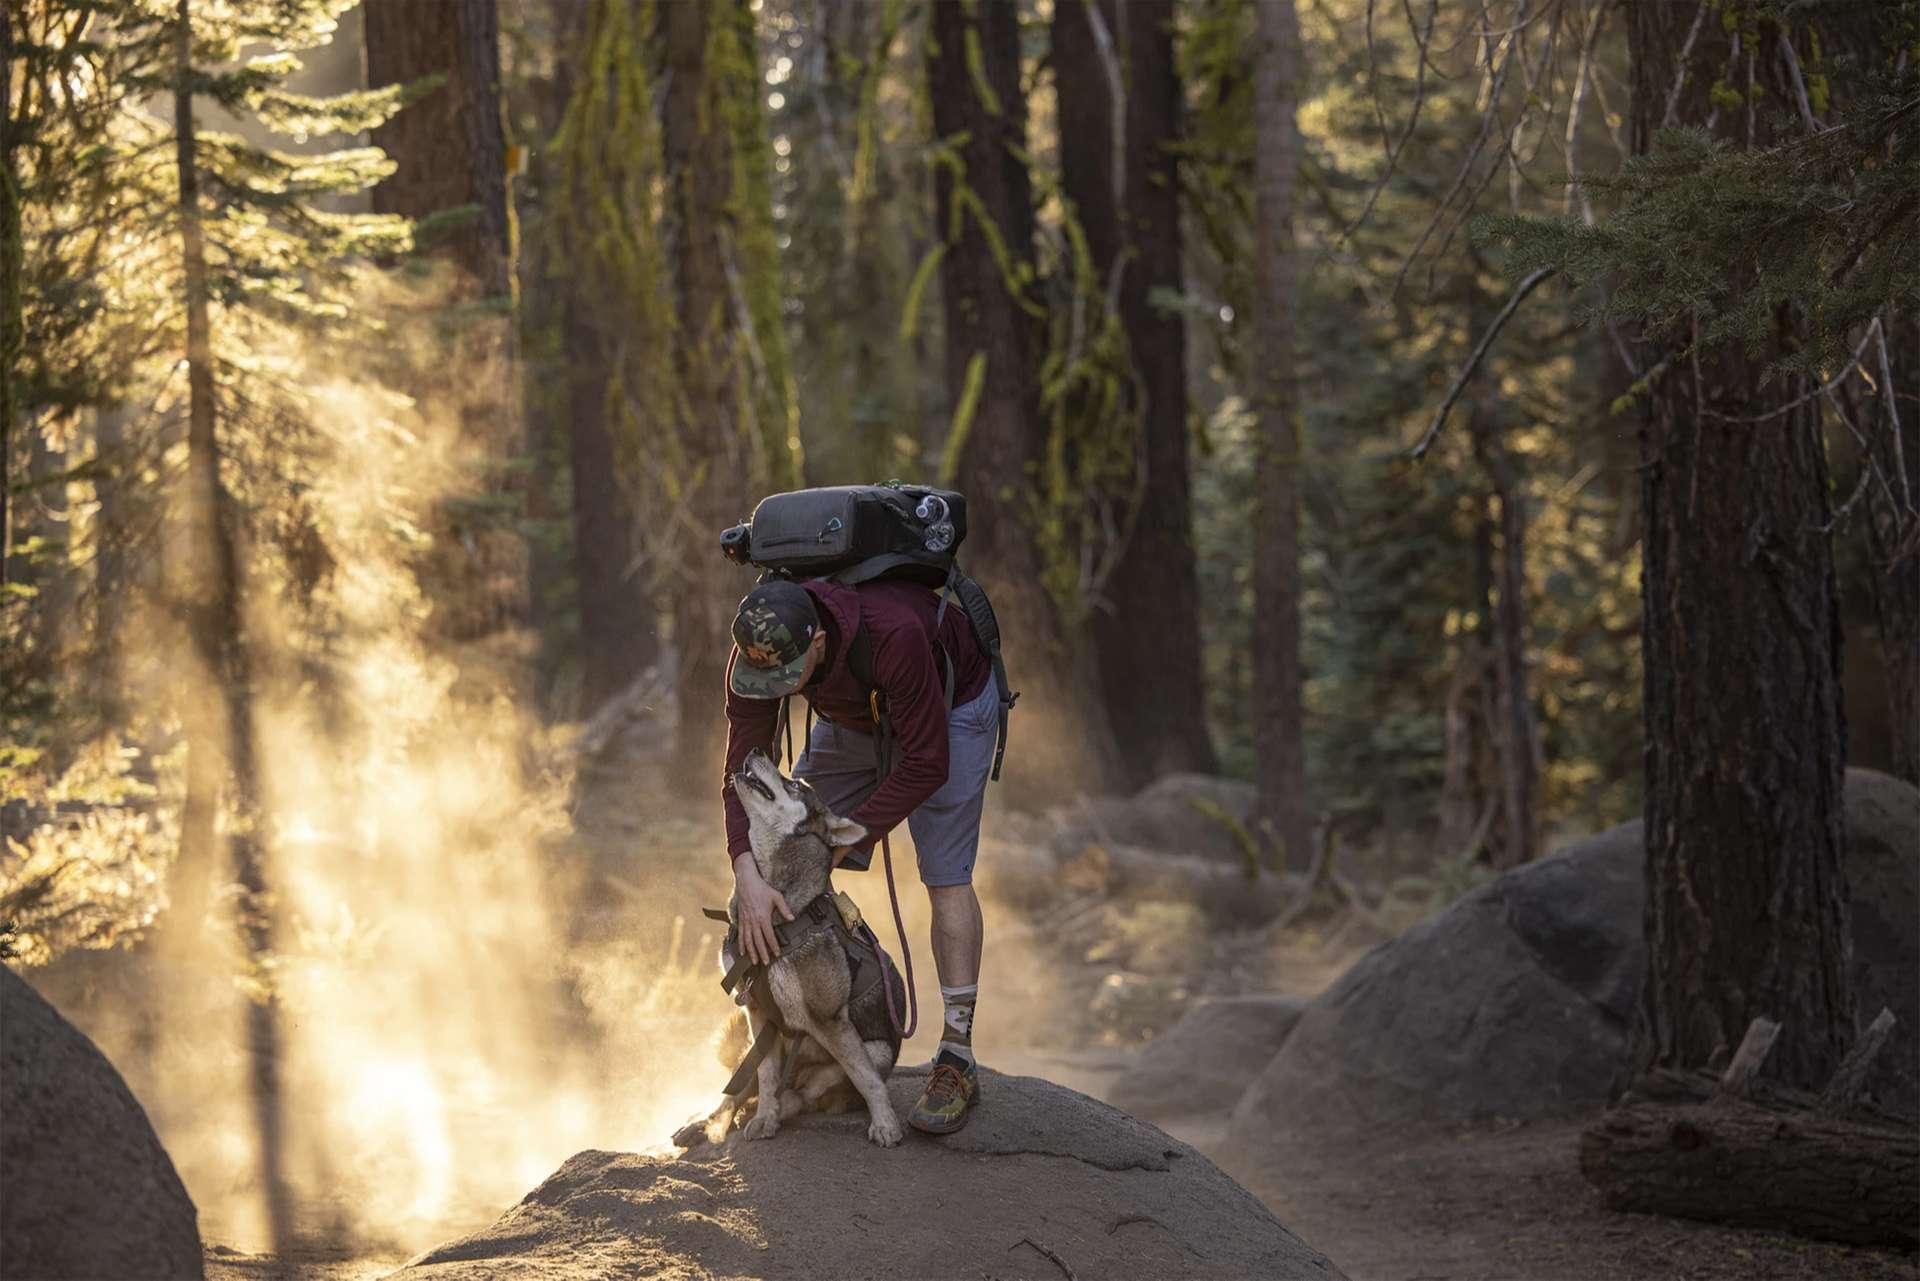 Bild eines Mannes und eines Hundes im Wald.